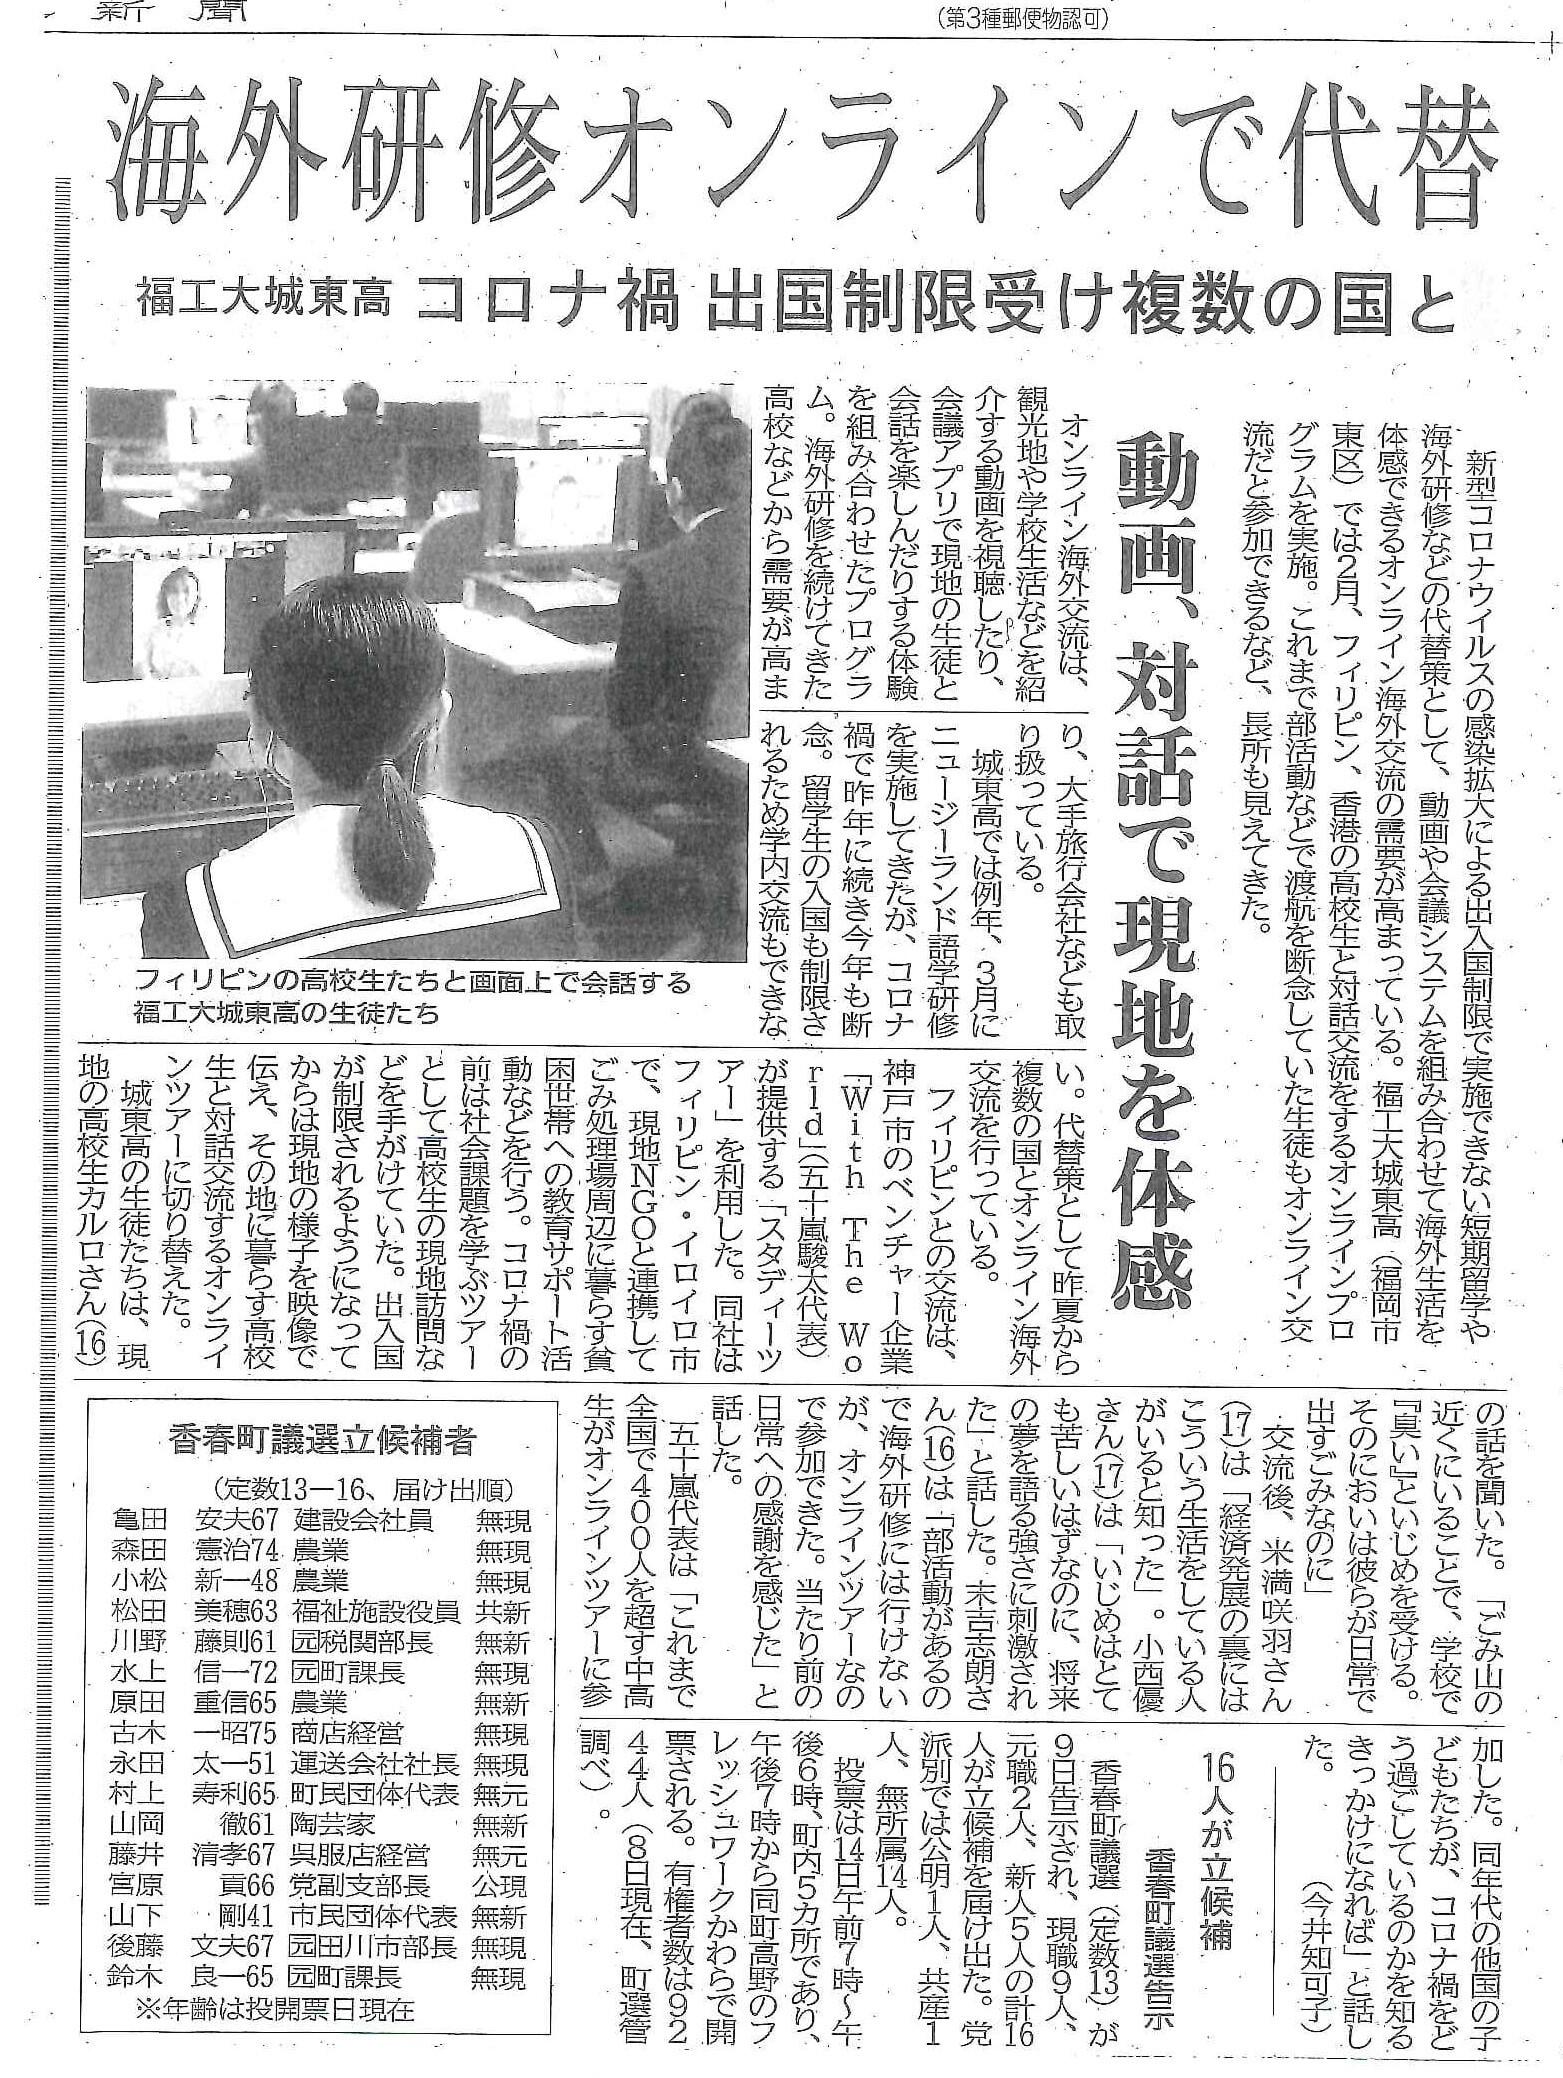 西日本新聞掲載 WithTheWorld